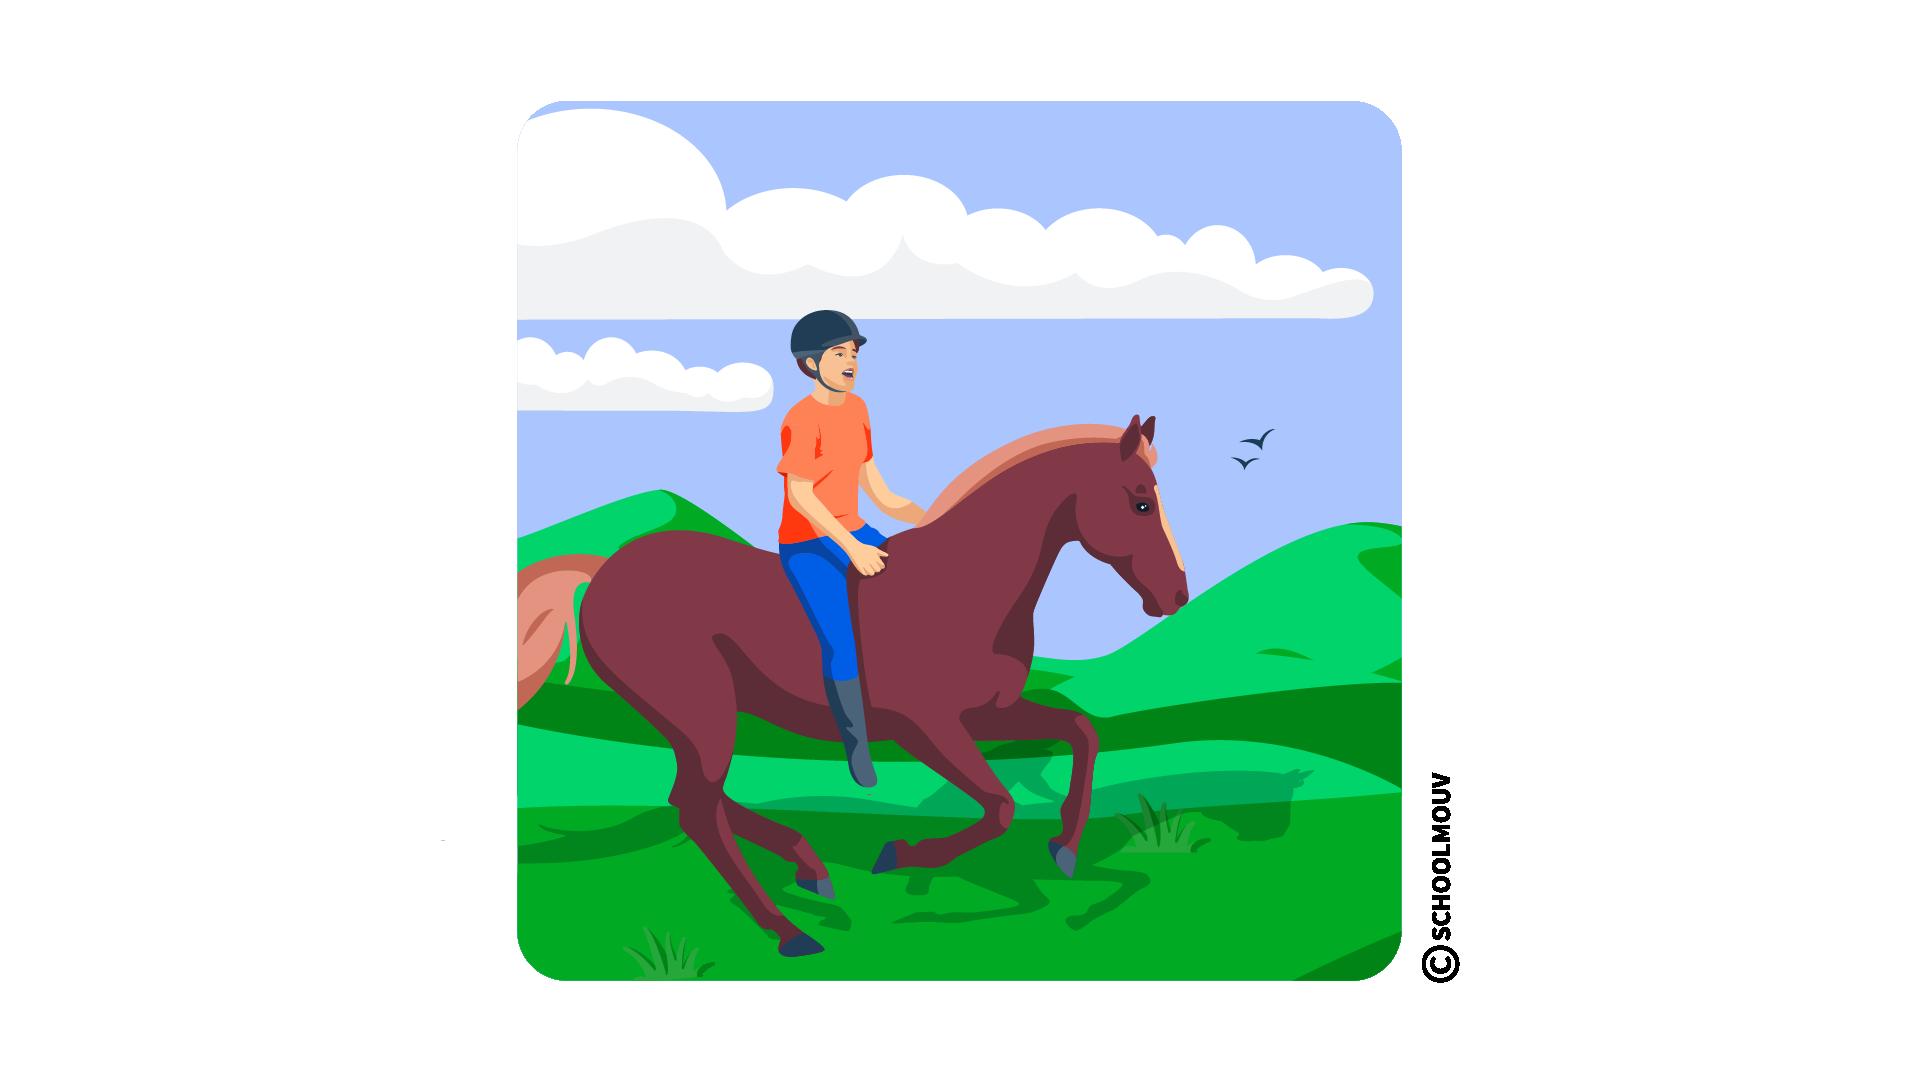 équitation riding anglais activité